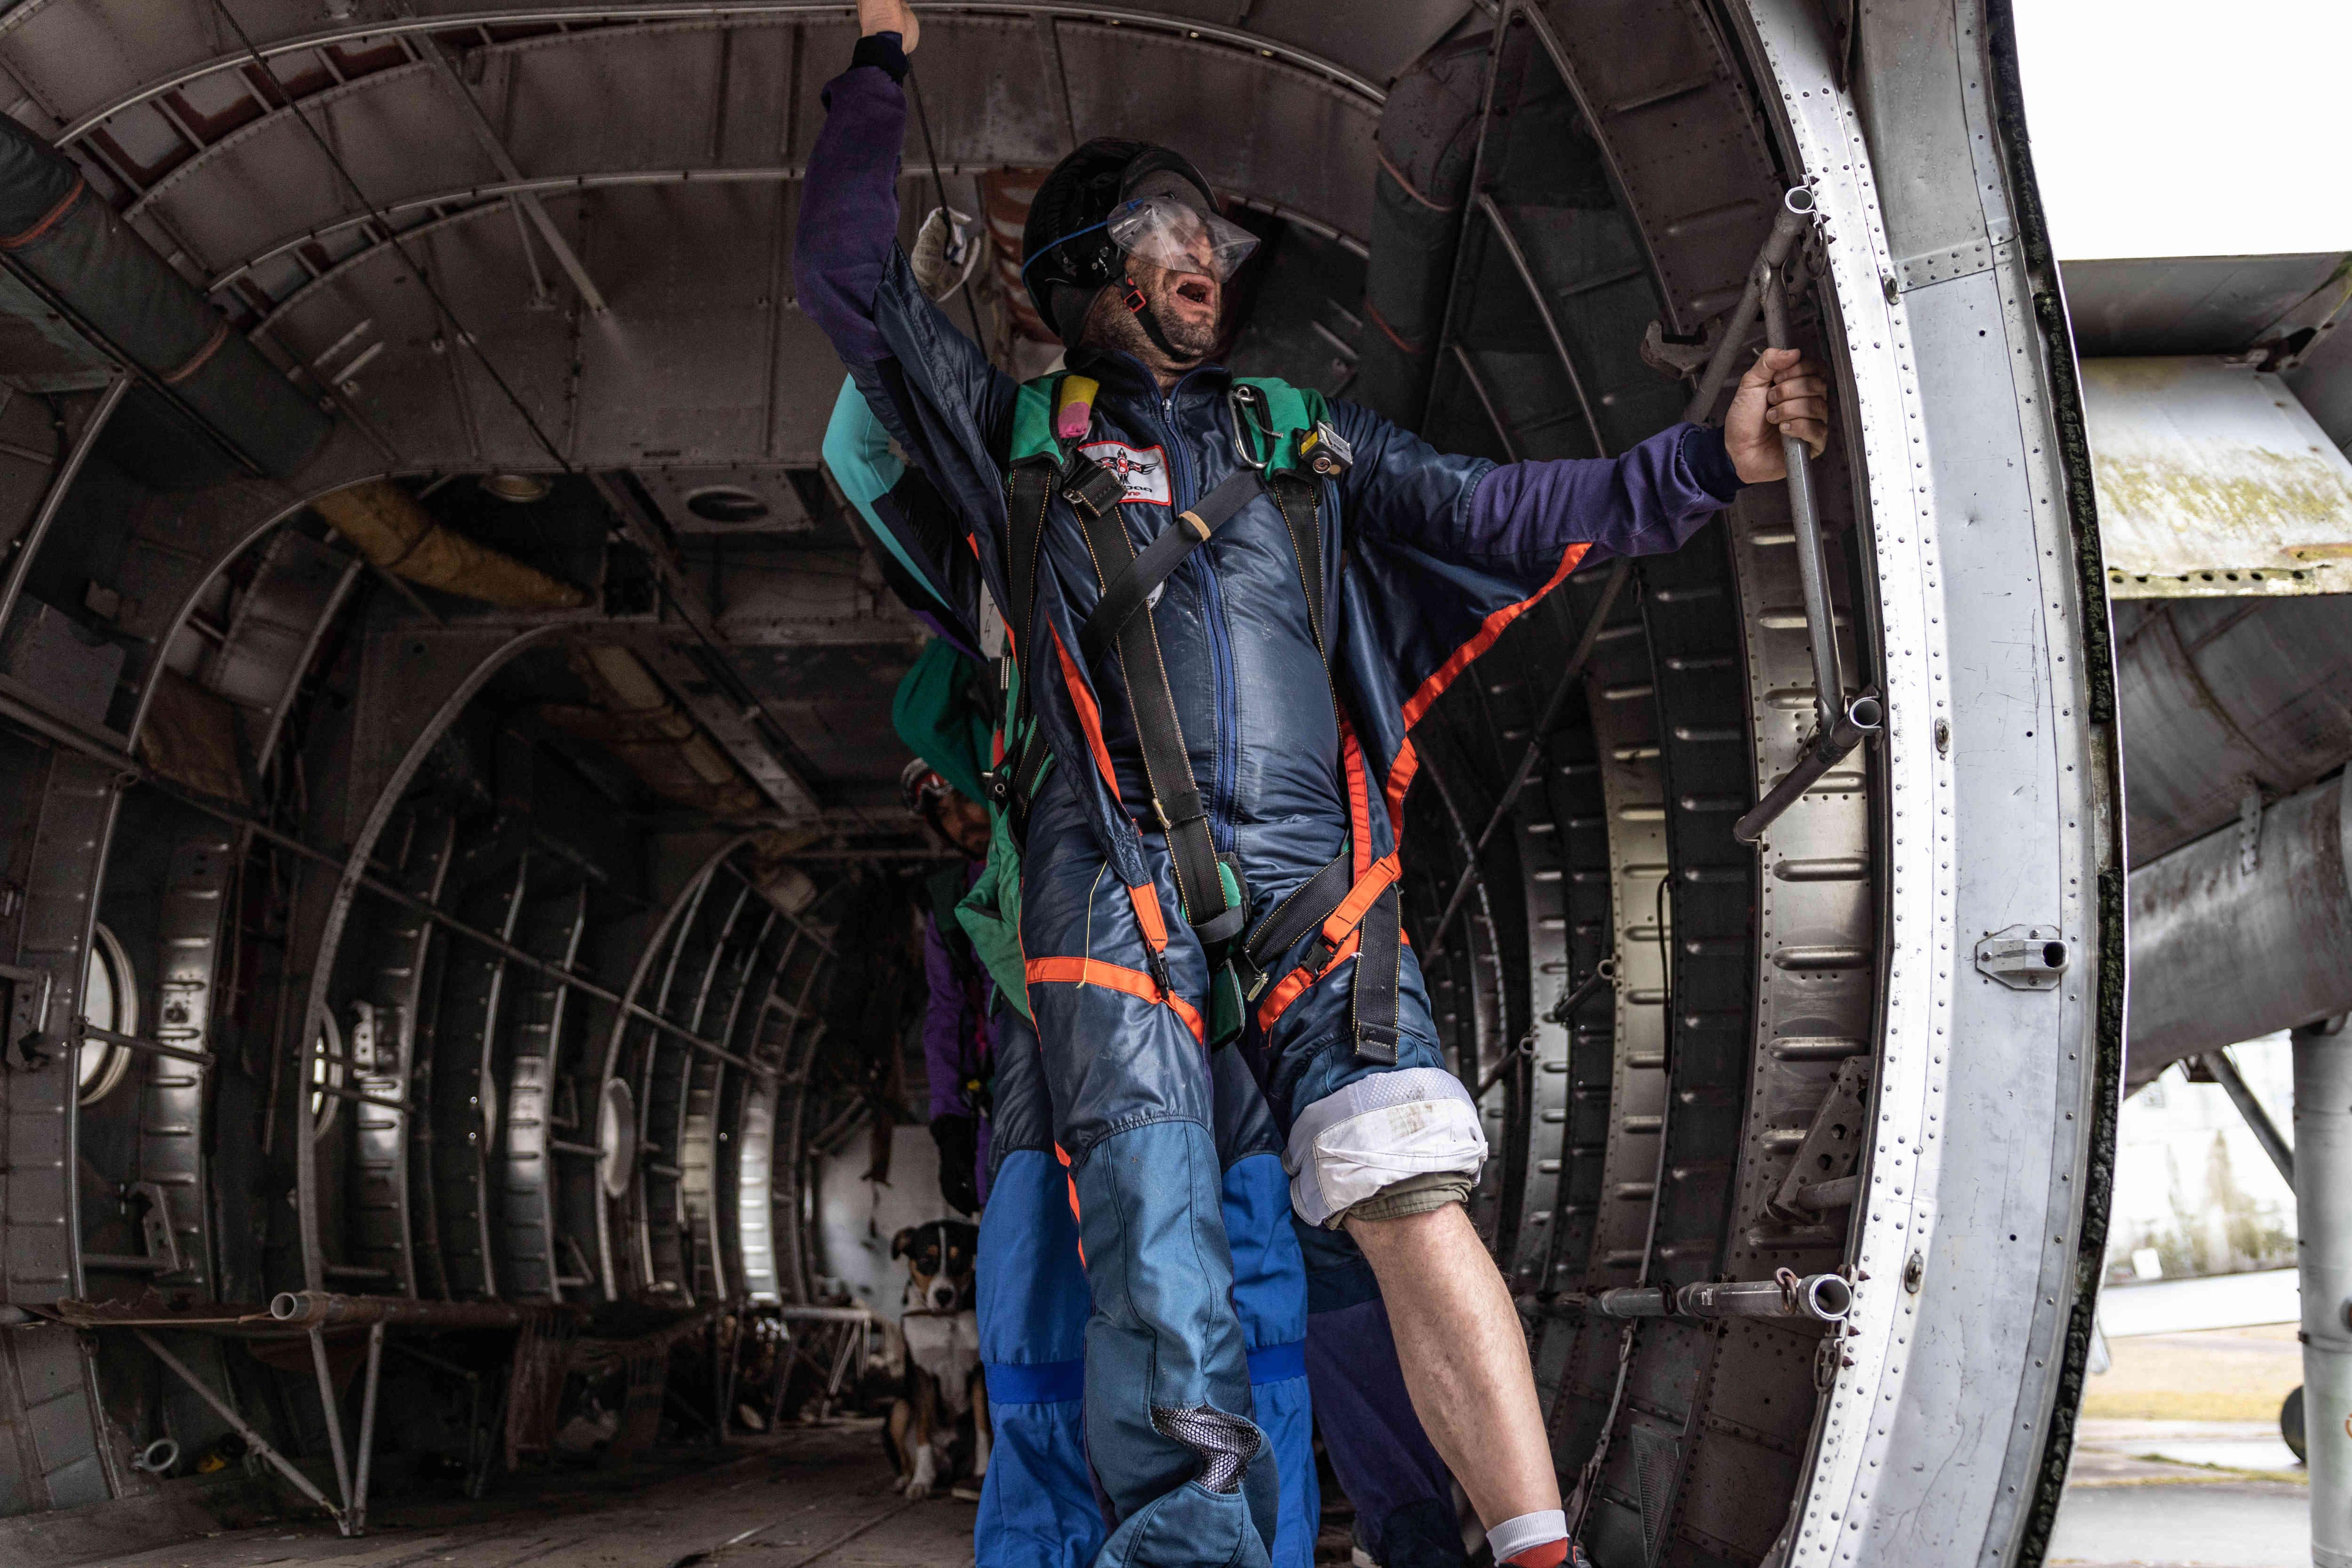 Premier saut en parachute essayez le tandem - Saut en parachute à proximité de Paris